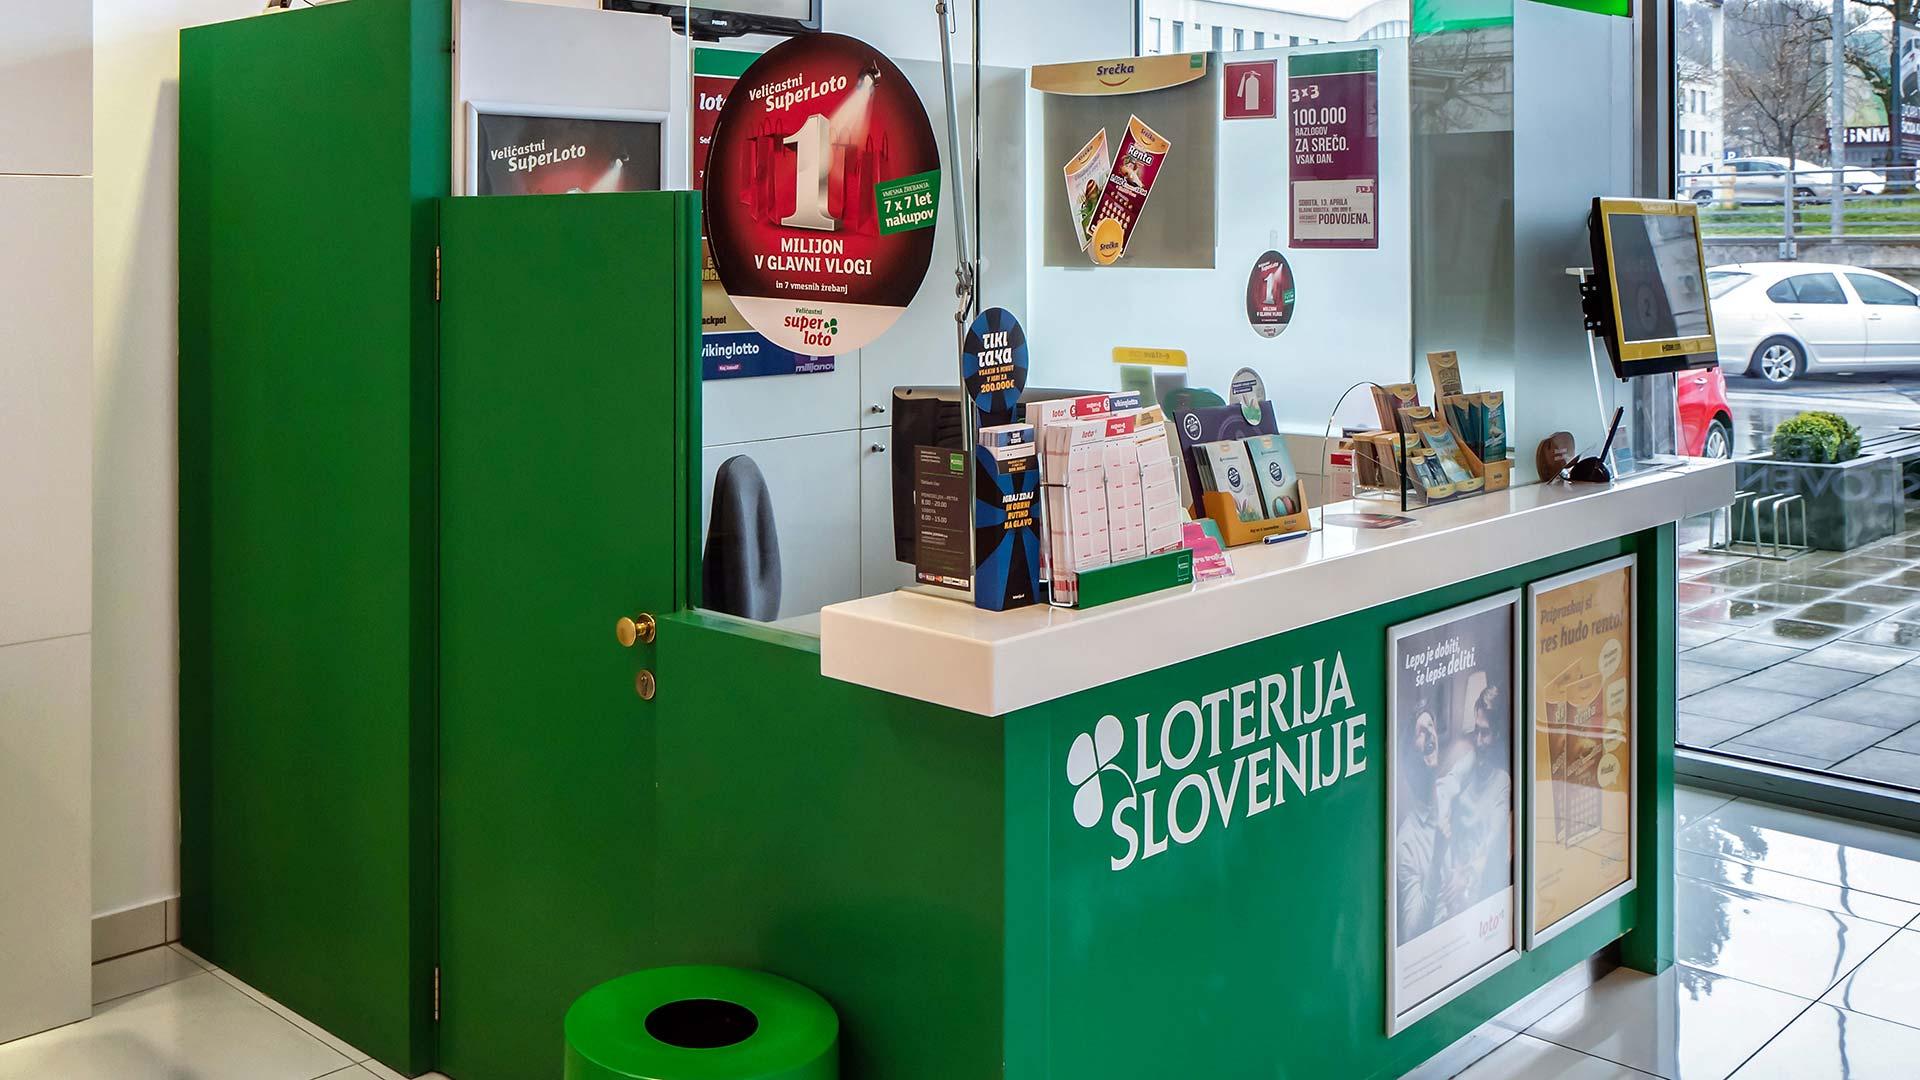 637-hero-Loterija-Slovenije